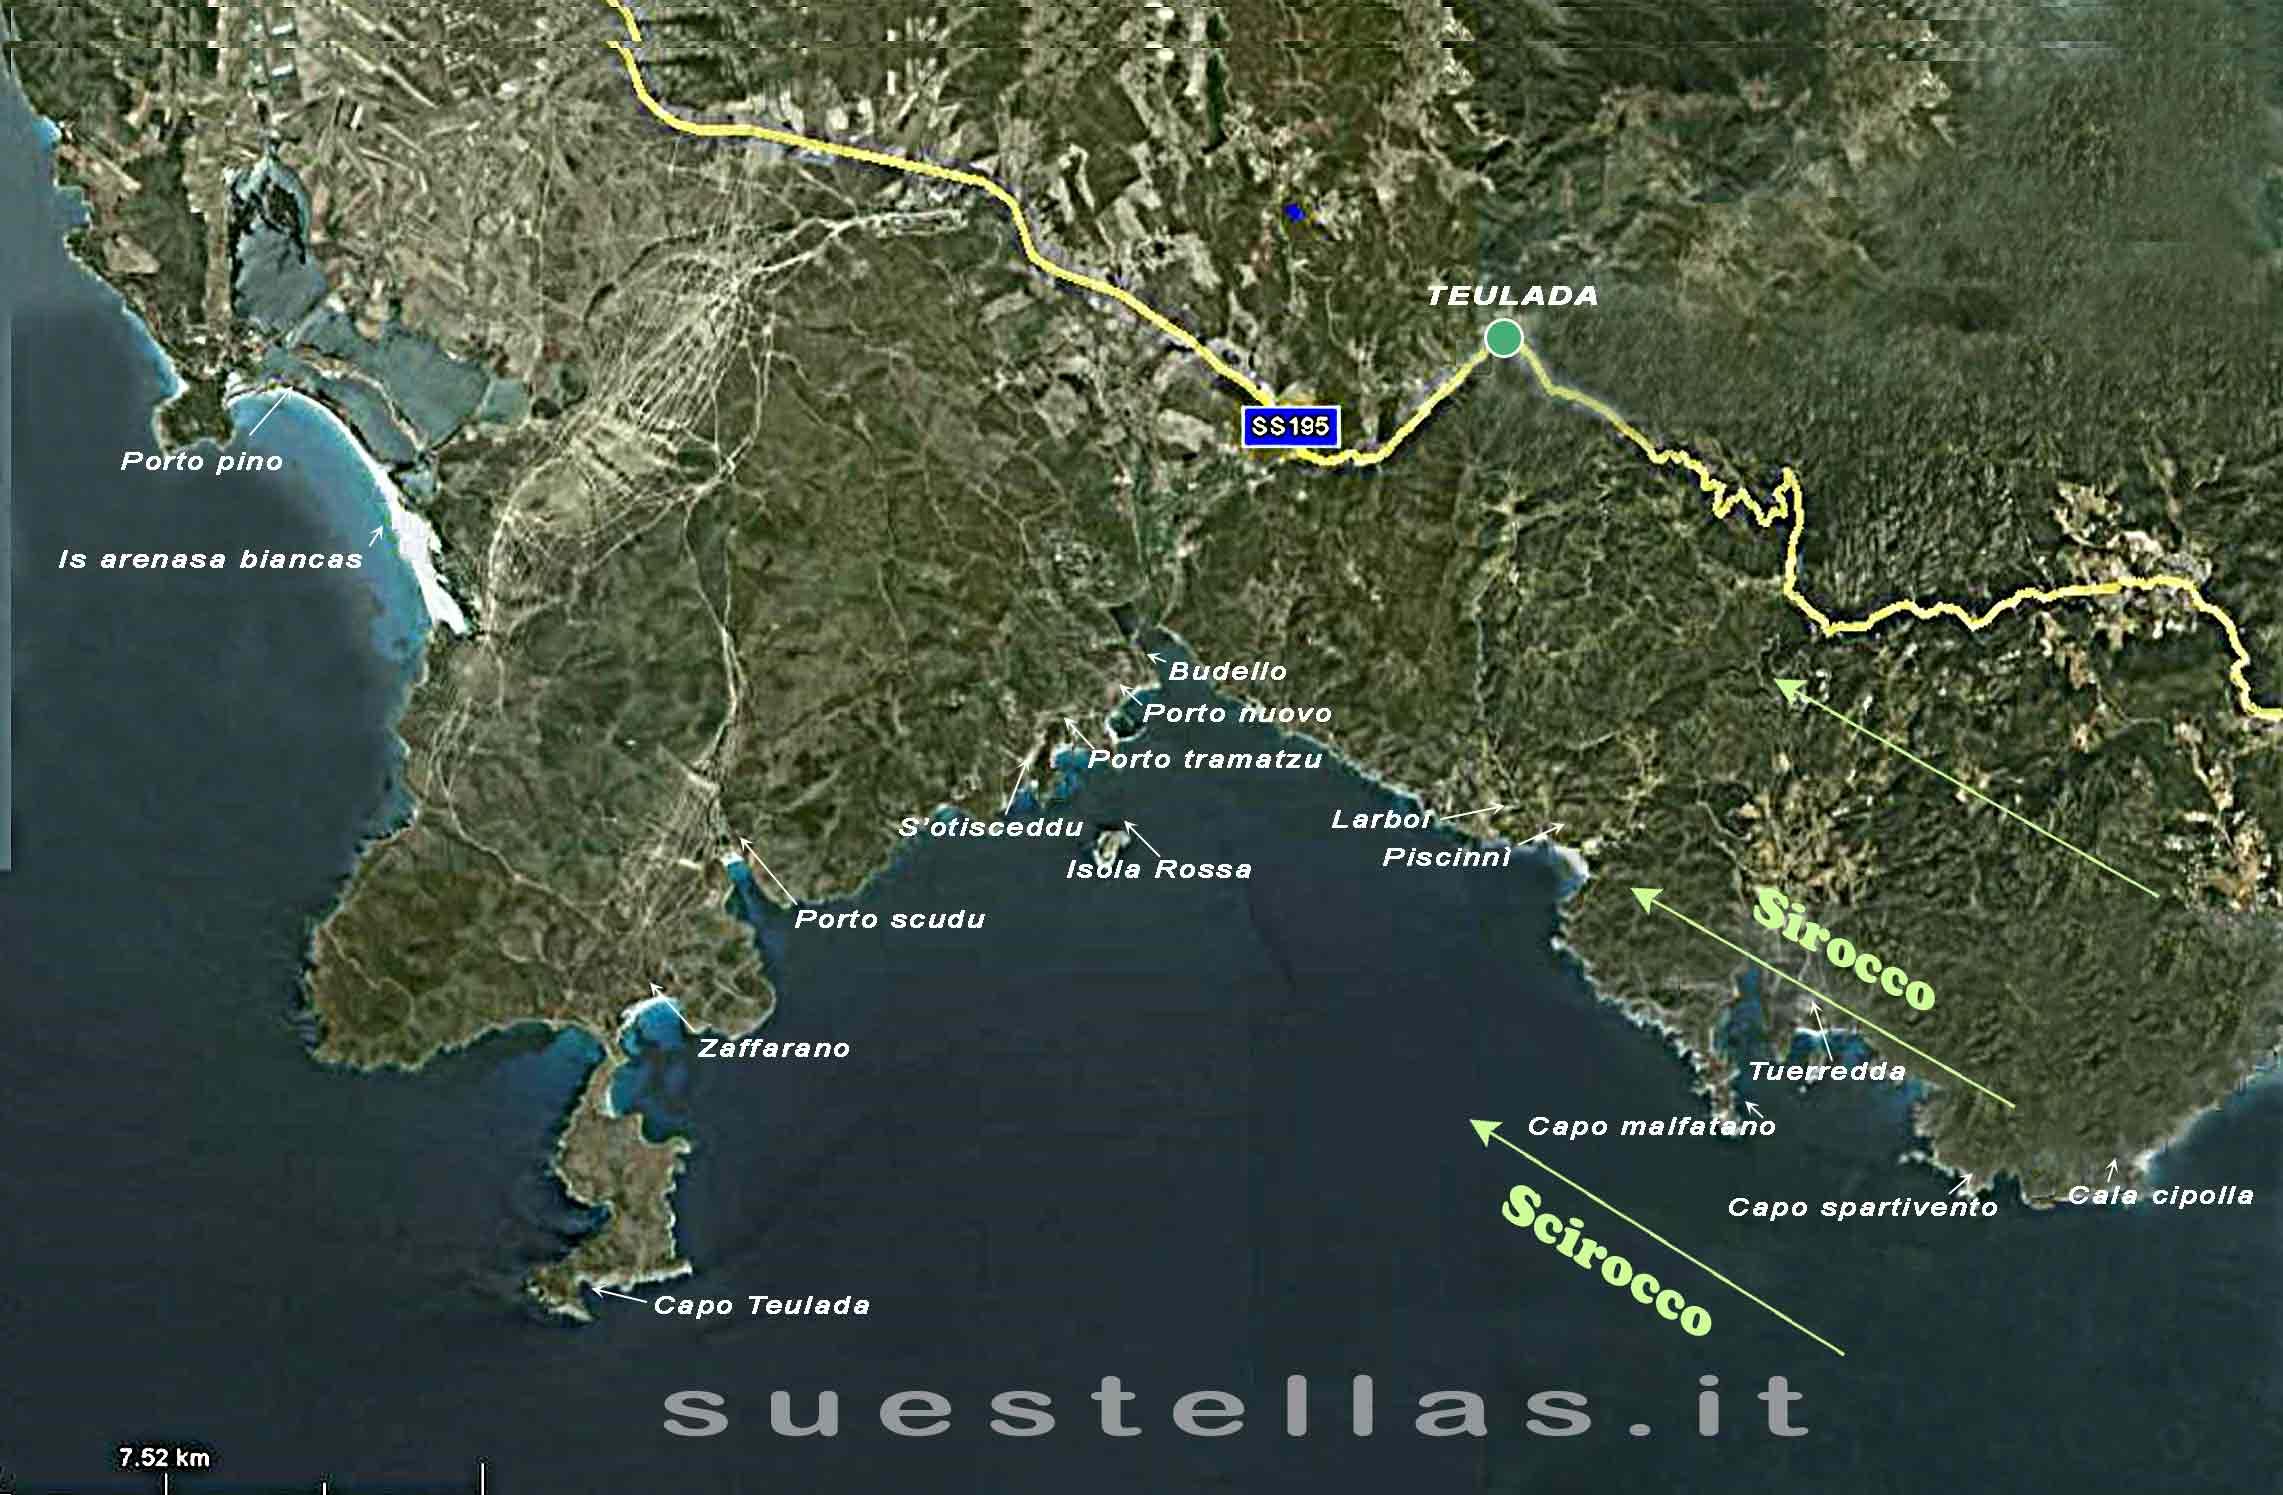 spiagge e calette riparate dallo scirocco nel golfo di Teulada - Sud Sardegna